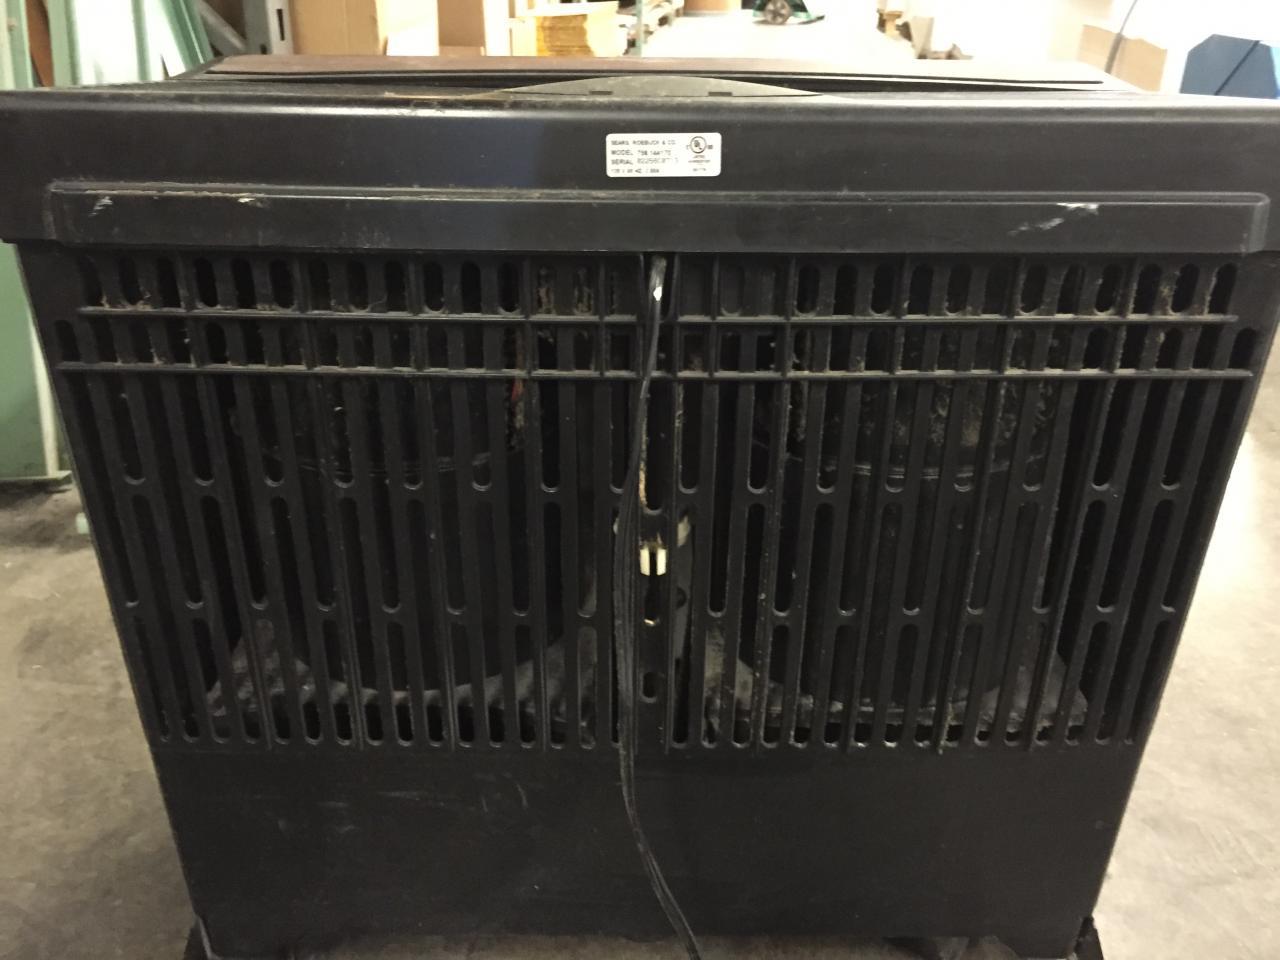 kenmore quiet comfort. kenmore quiet comfort 13 humidifier with filters - buffalo, ny